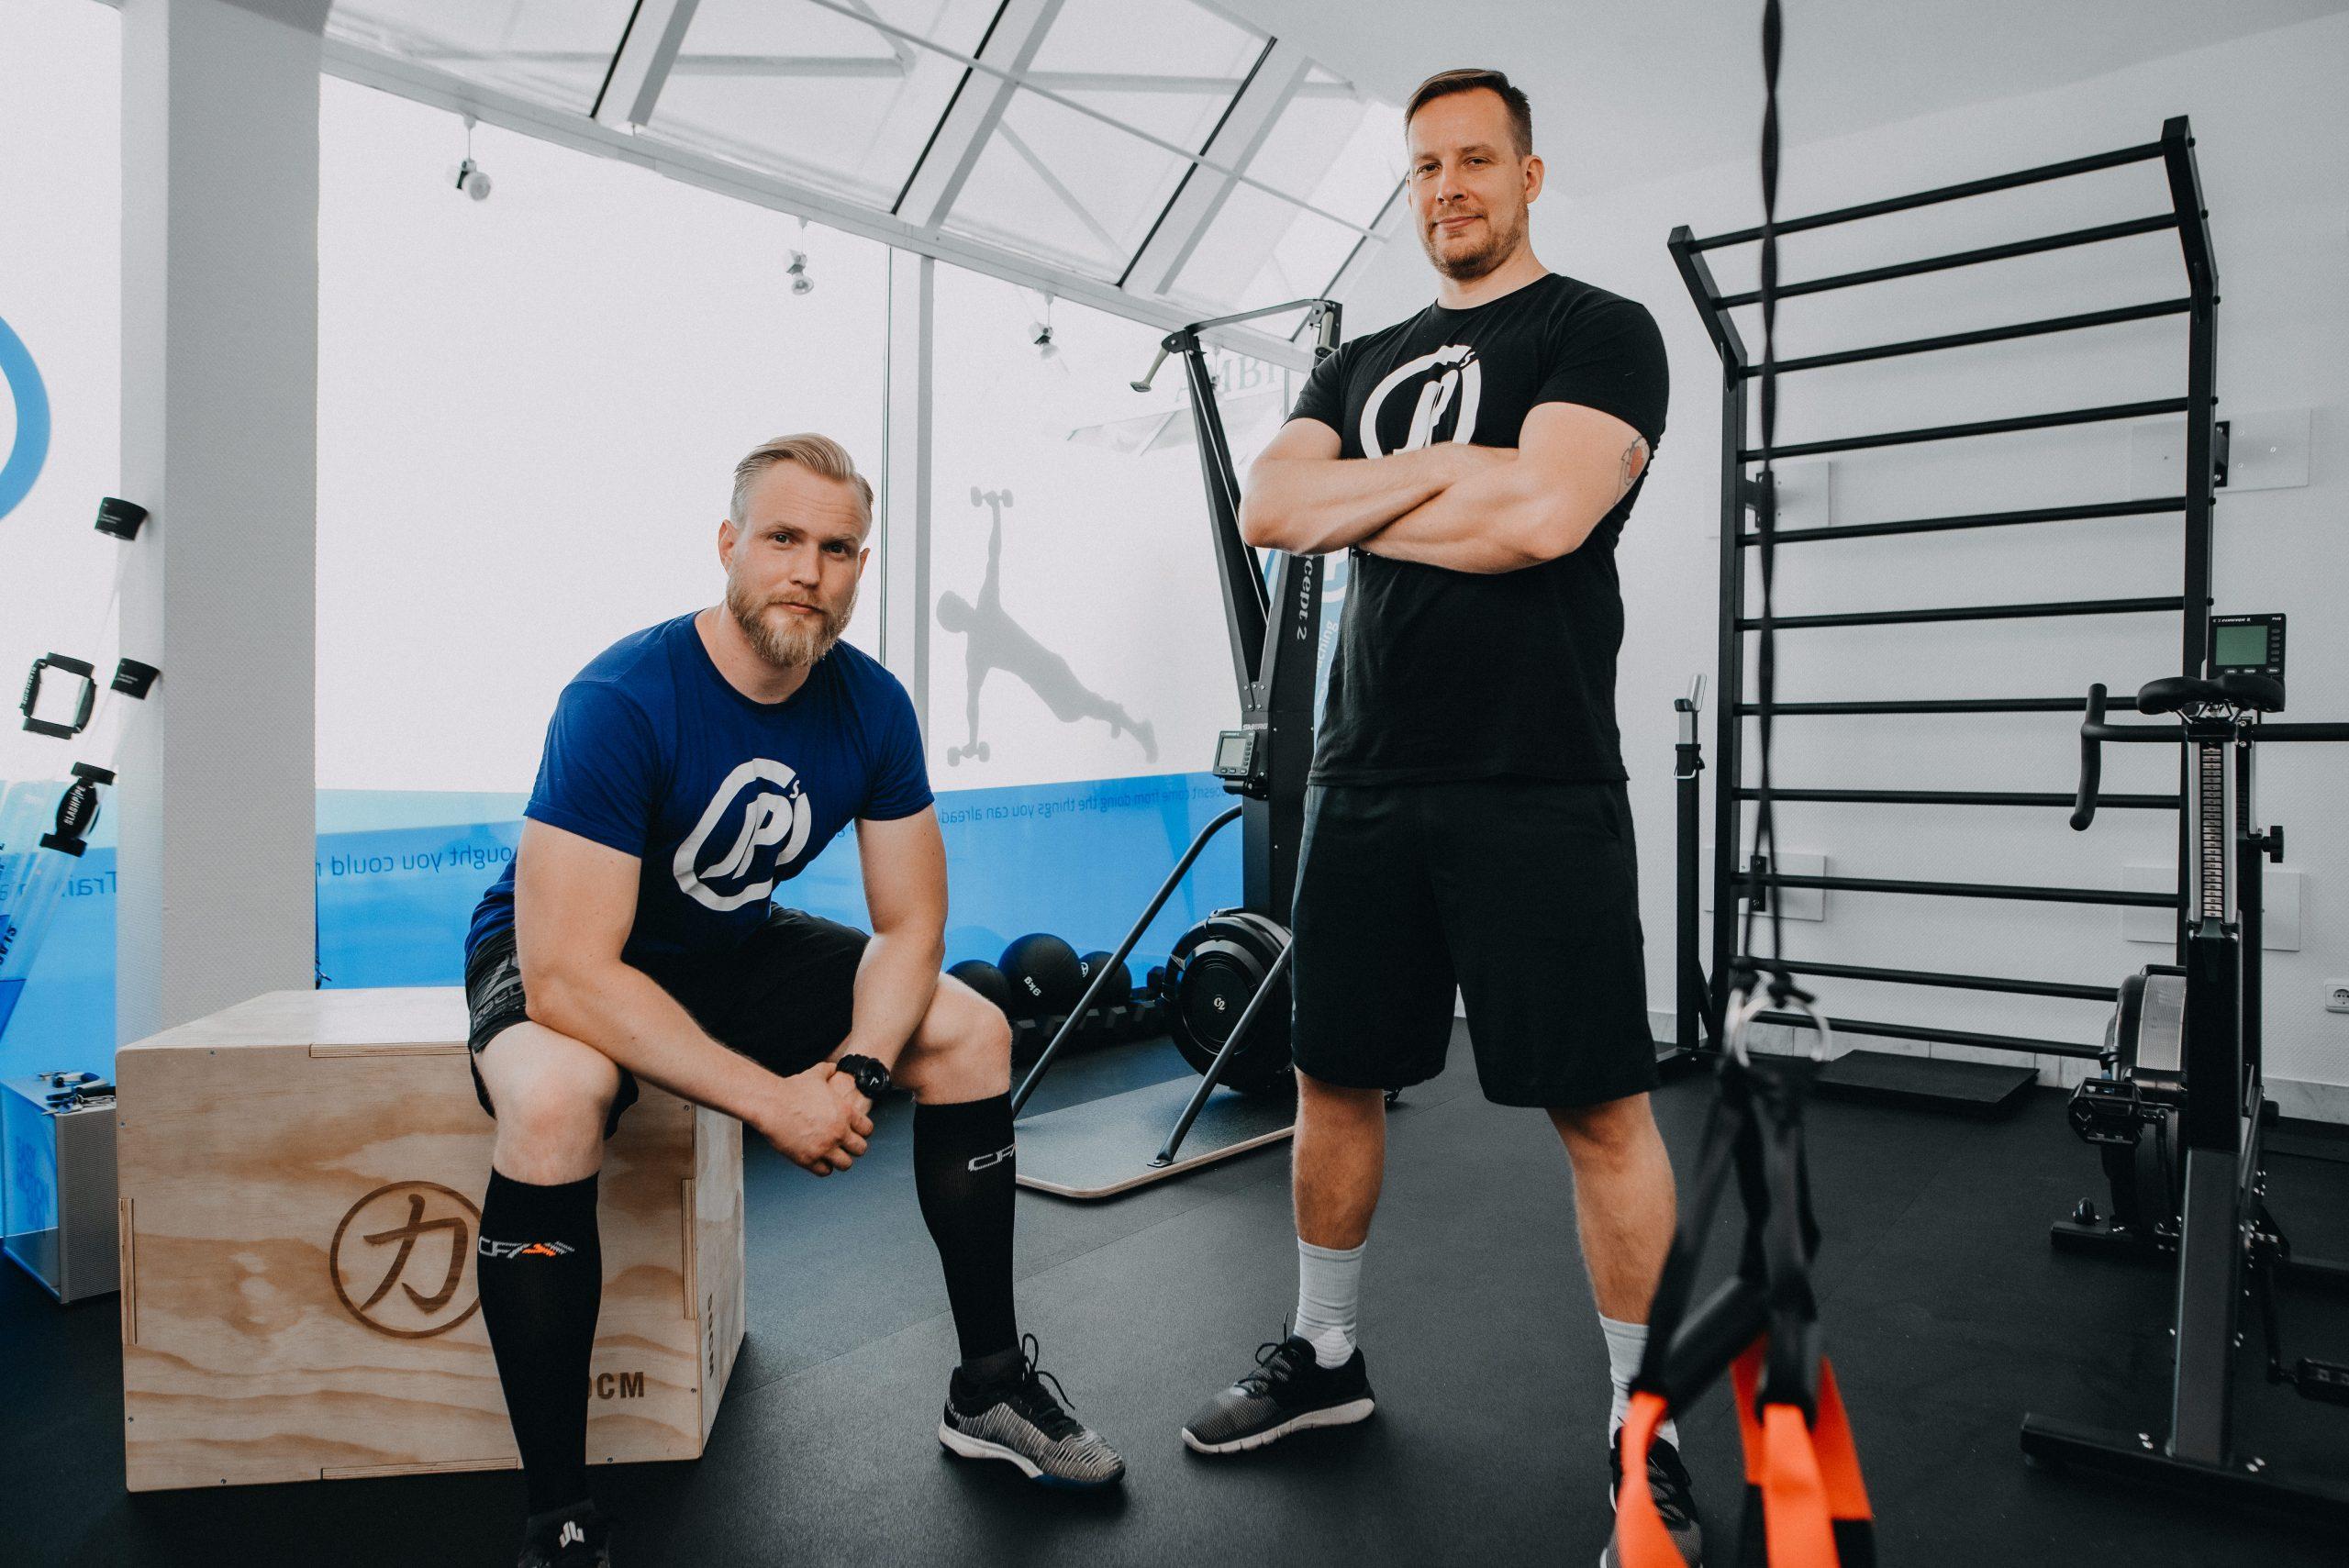 Zwei Männer stehen in Fitnessraum